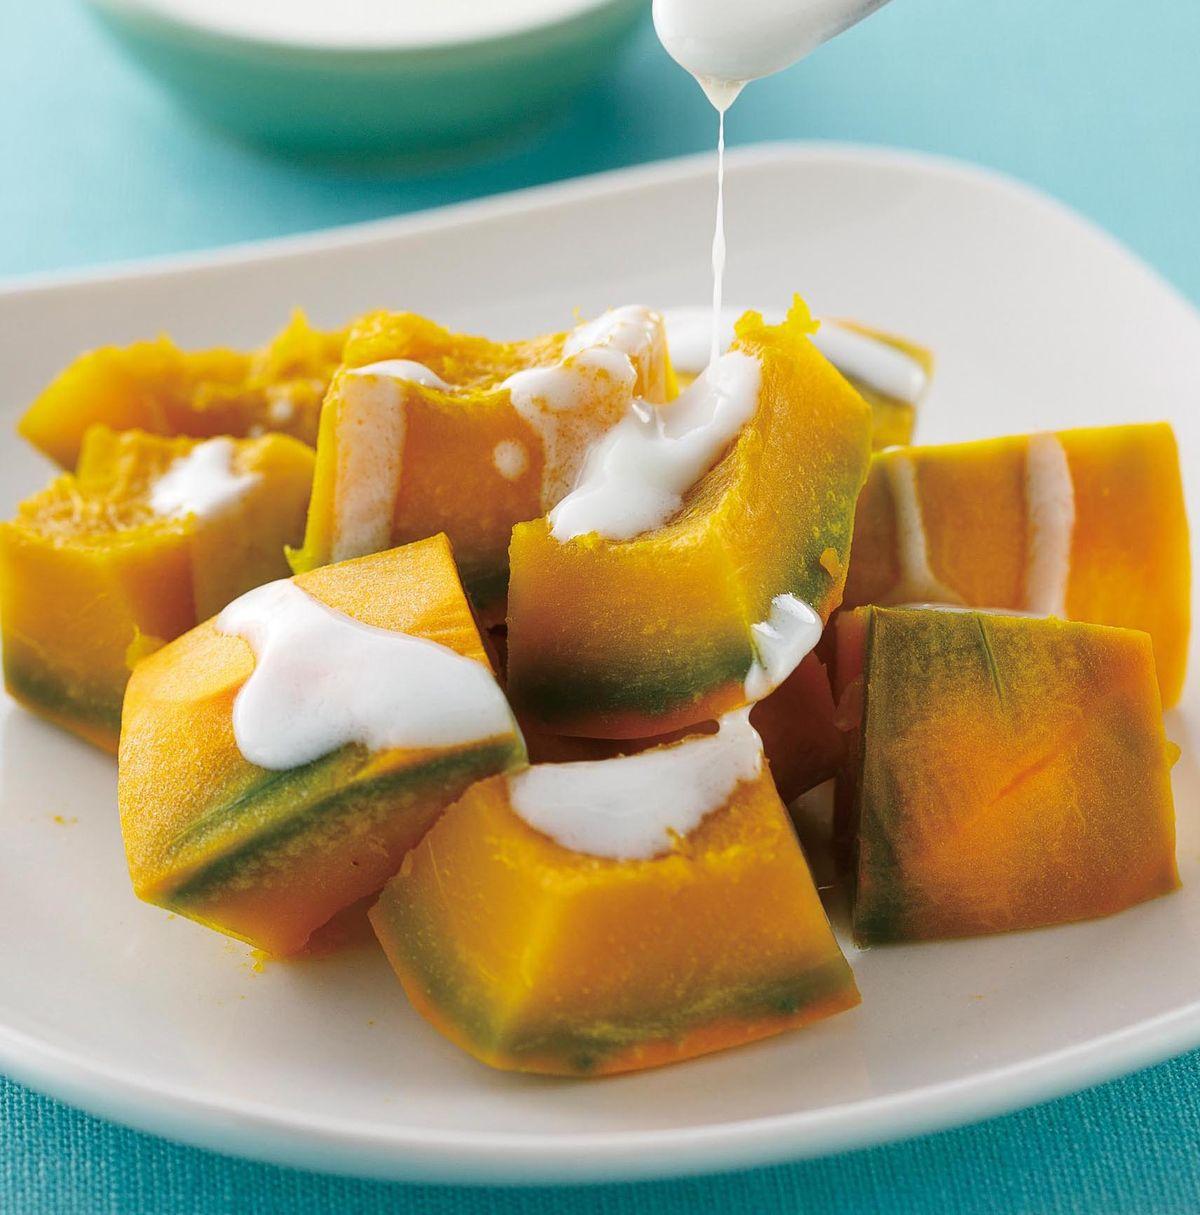 食譜:橄欖油優格醬南瓜